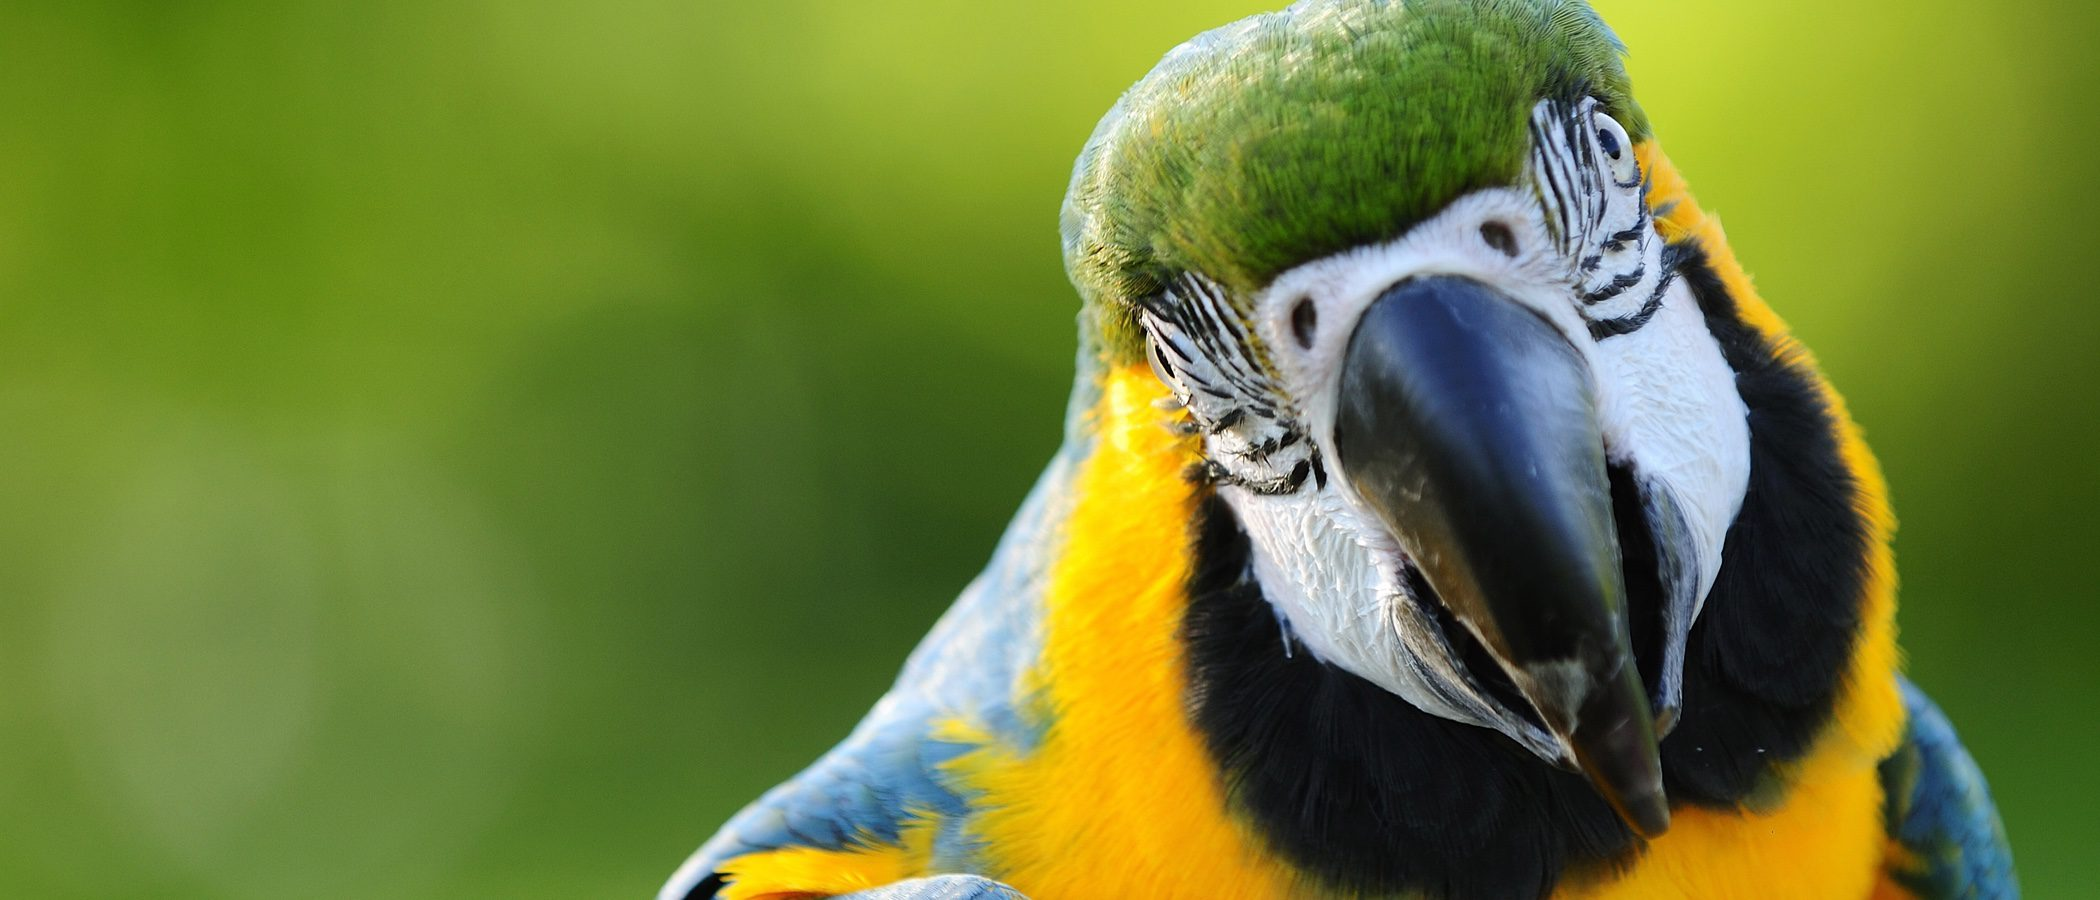 Pájaros que hablan, ¿qué hago si el mío aprende a insultar?